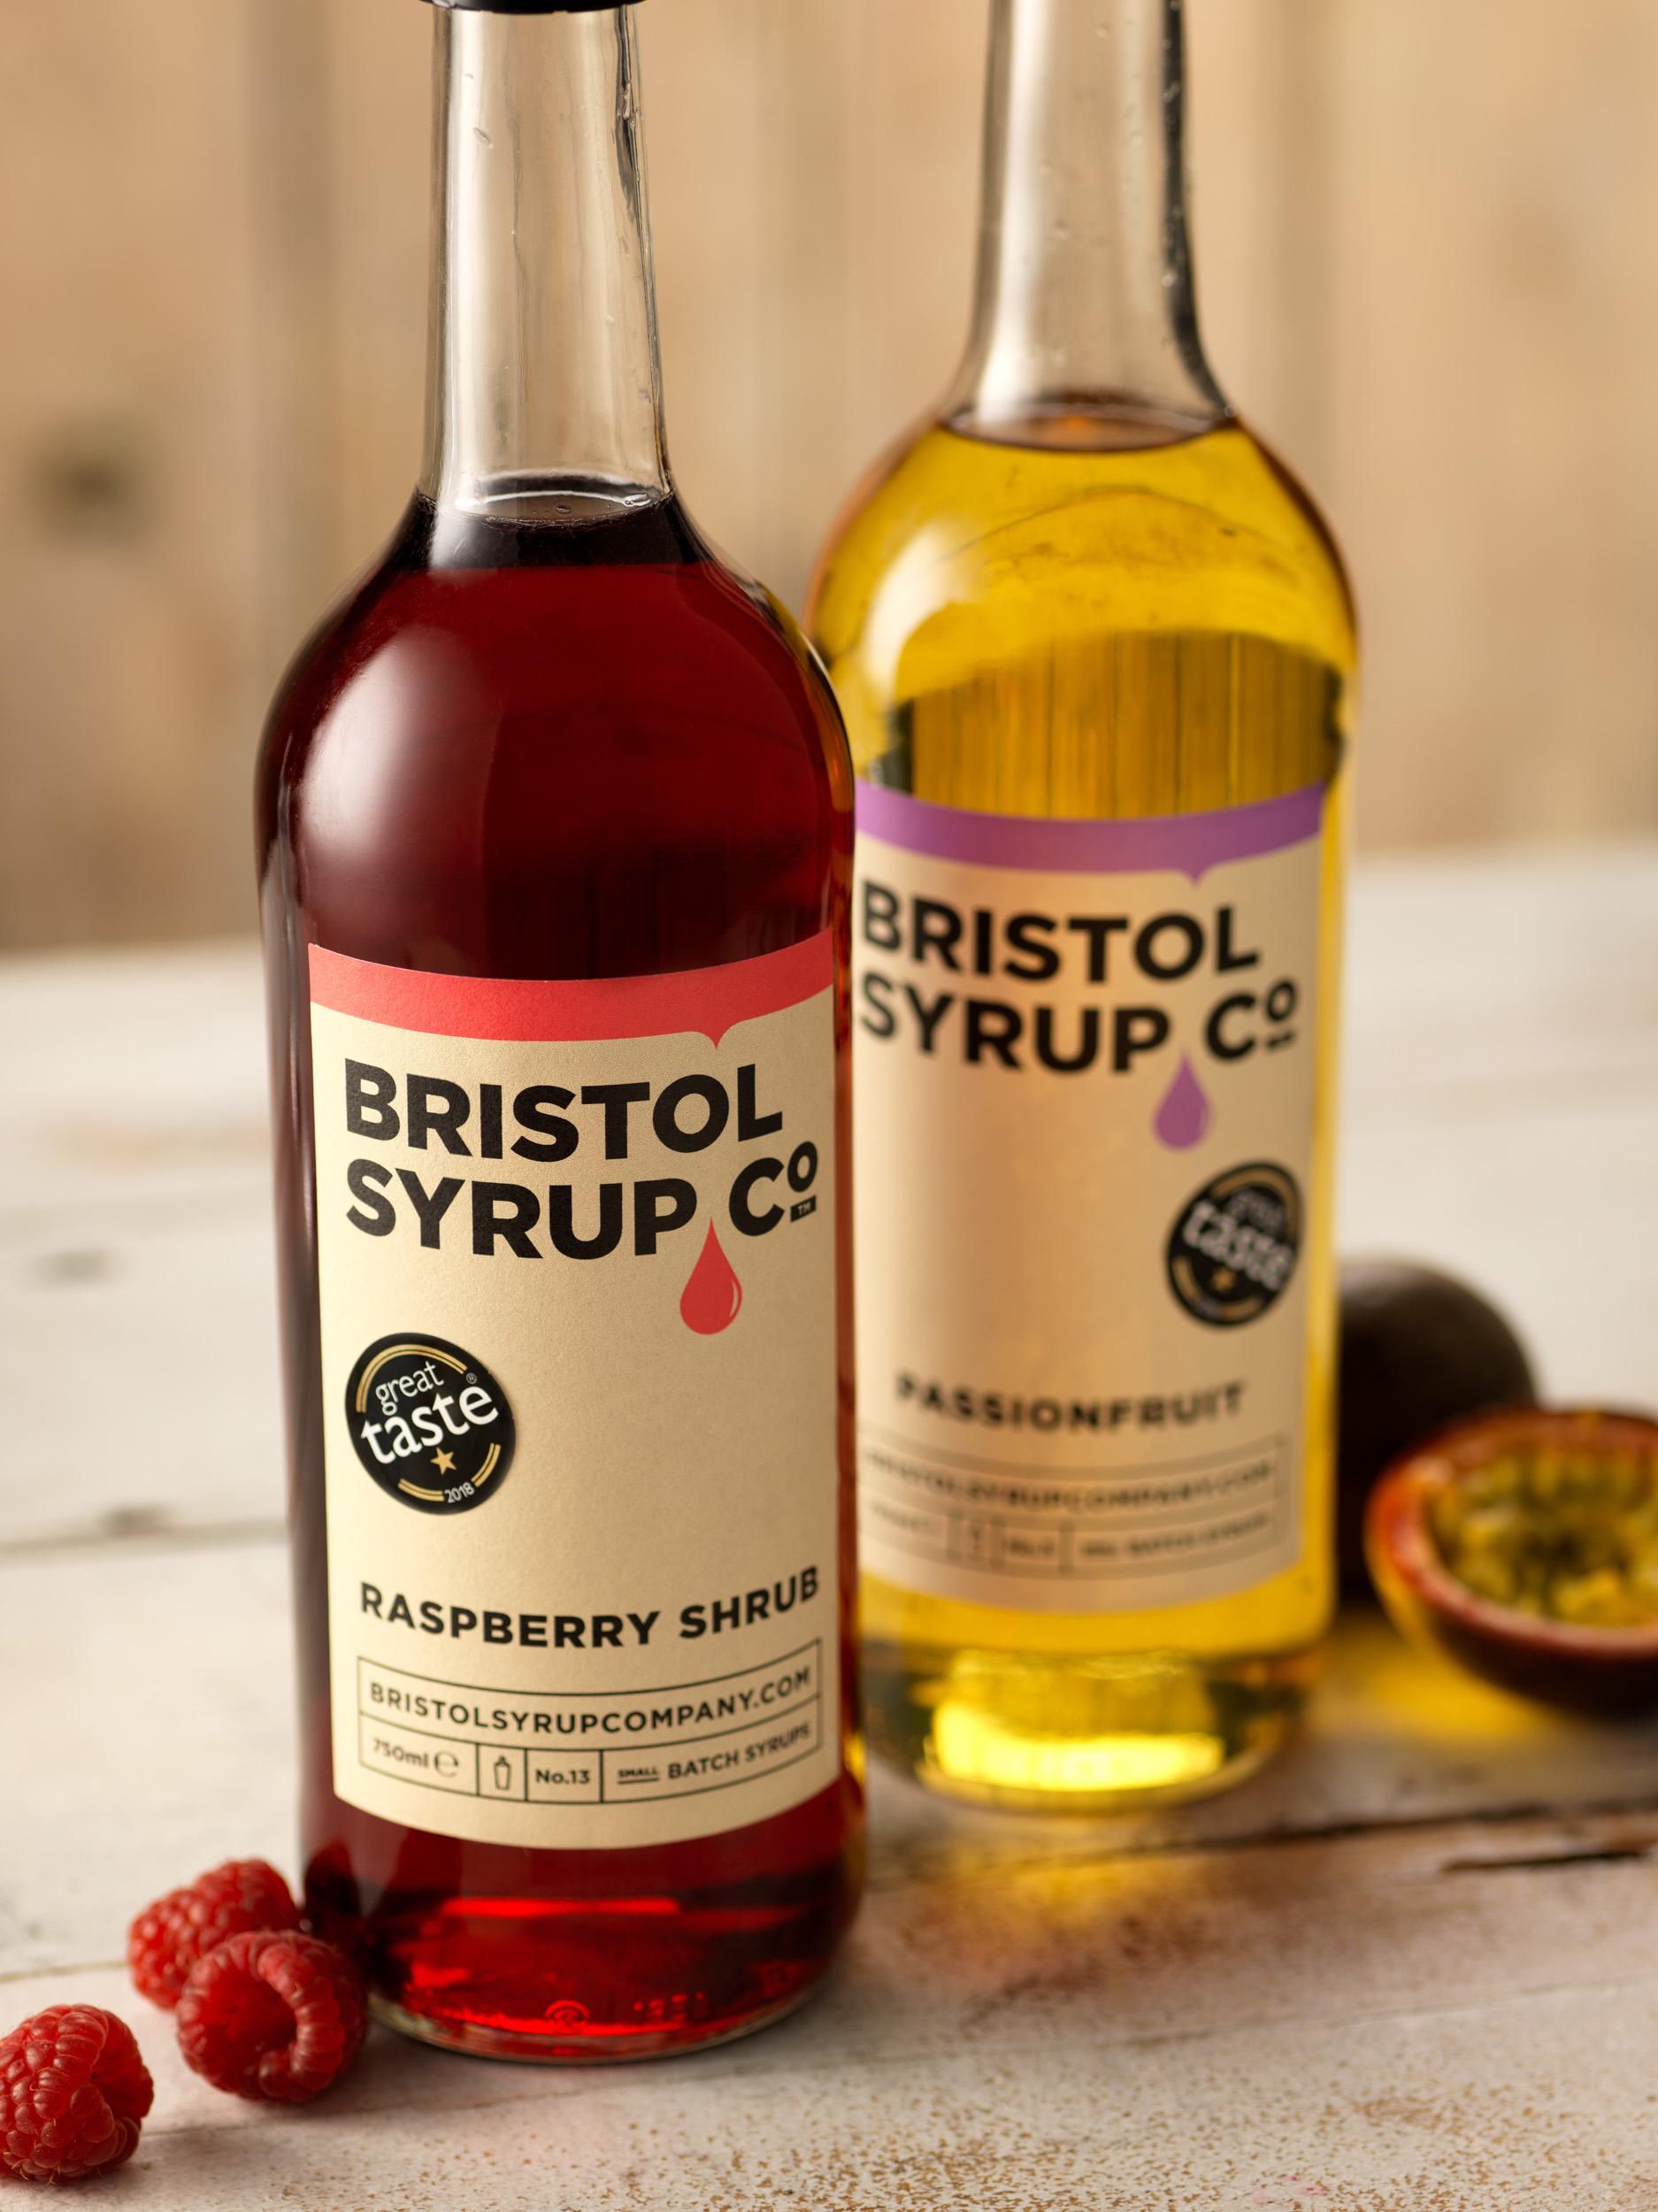 Bristol Syrup Co - Great Taste Bottles